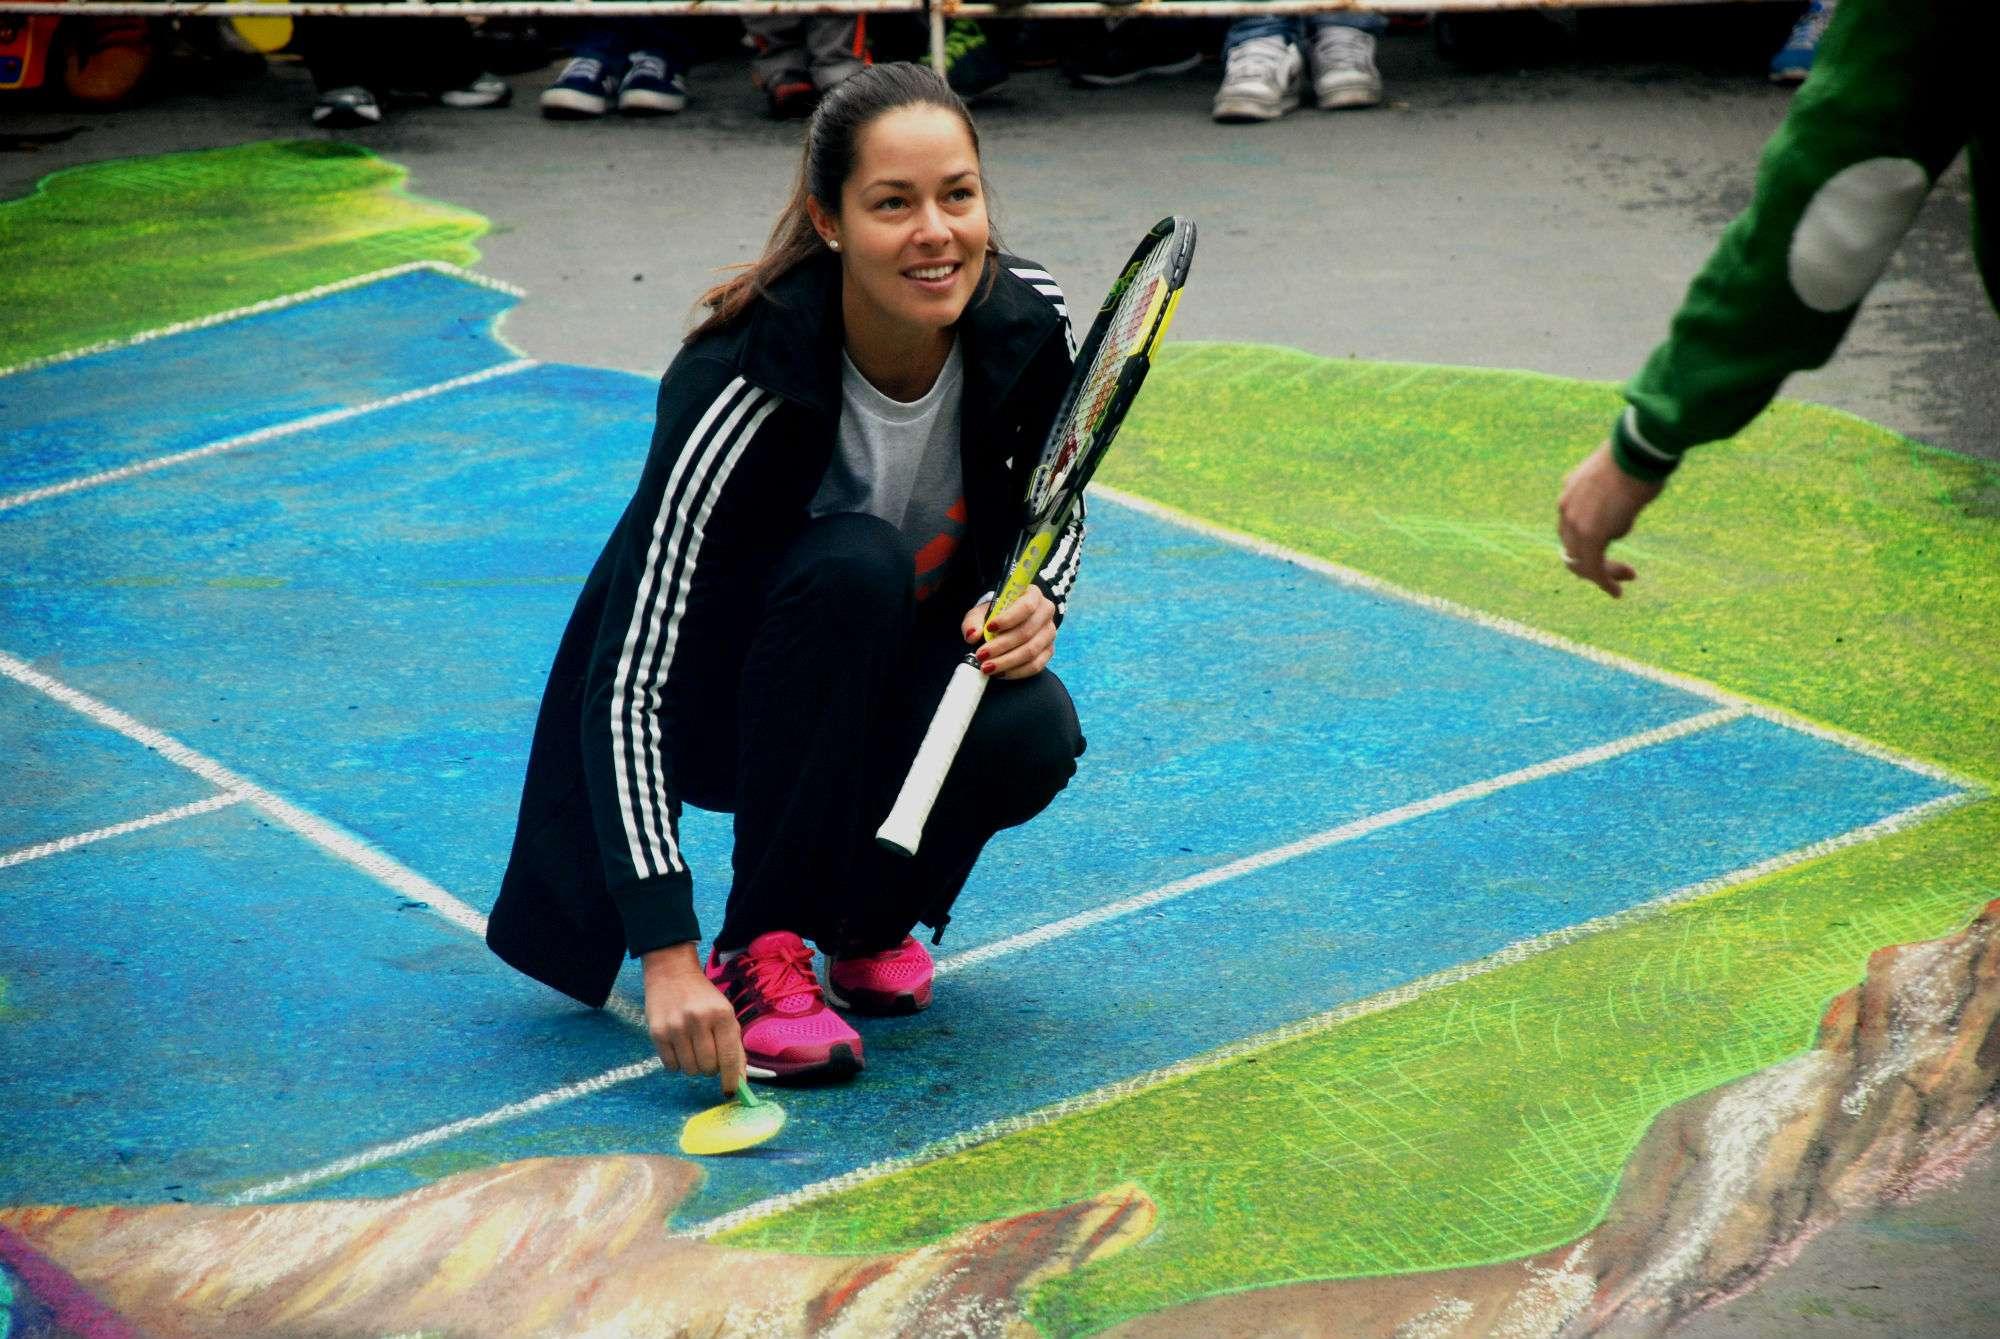 Ana Ivanovic y Jovana Jaksic en el Abierto de Tenis Monterrey 2014 al convivir en el evento de San Pedro de Pinta. Foto: Emilio López/Ter